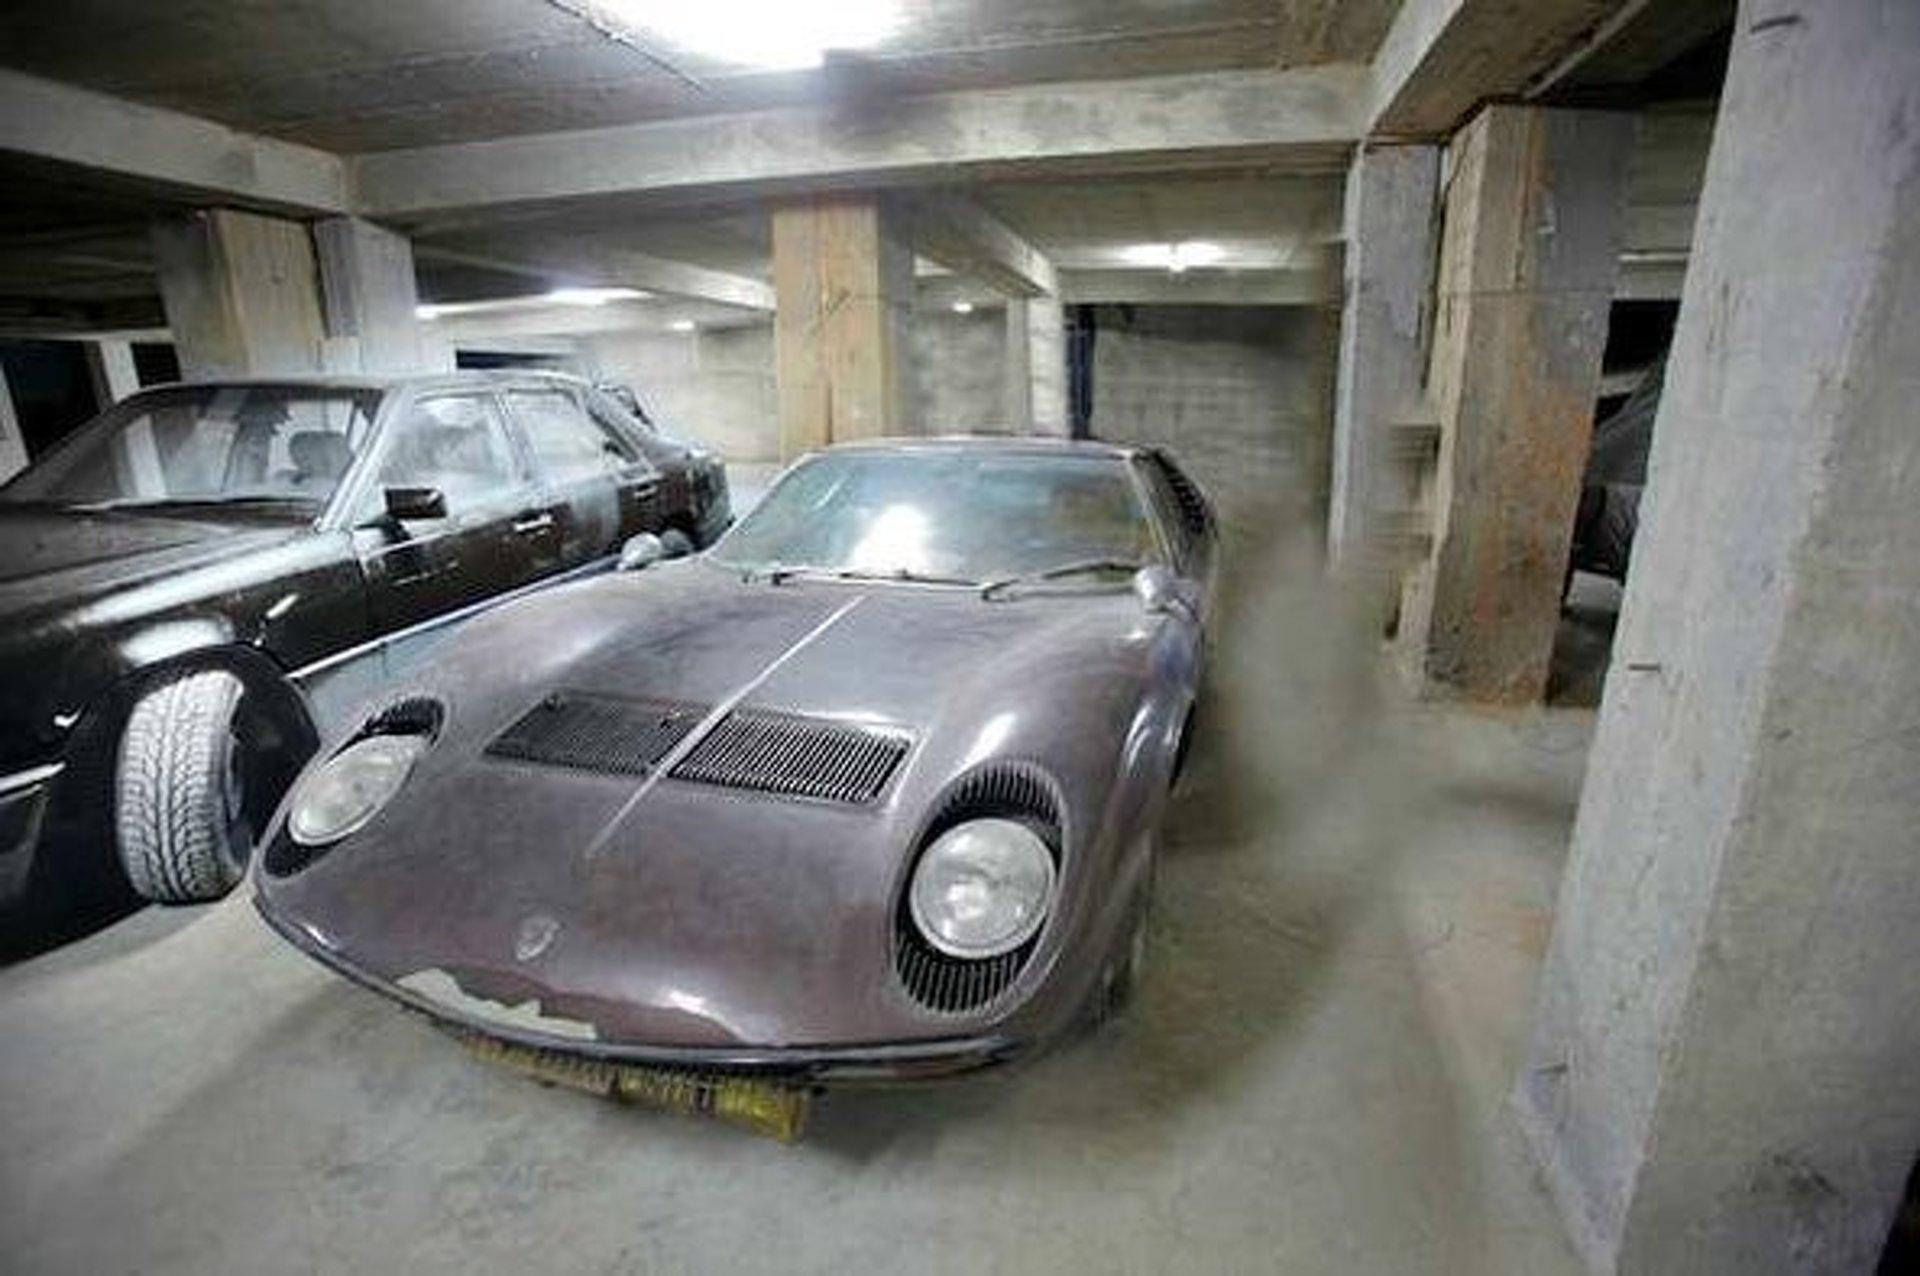 Rare Aristotle Onassis Lamborghini Miura S Up For Auction in London